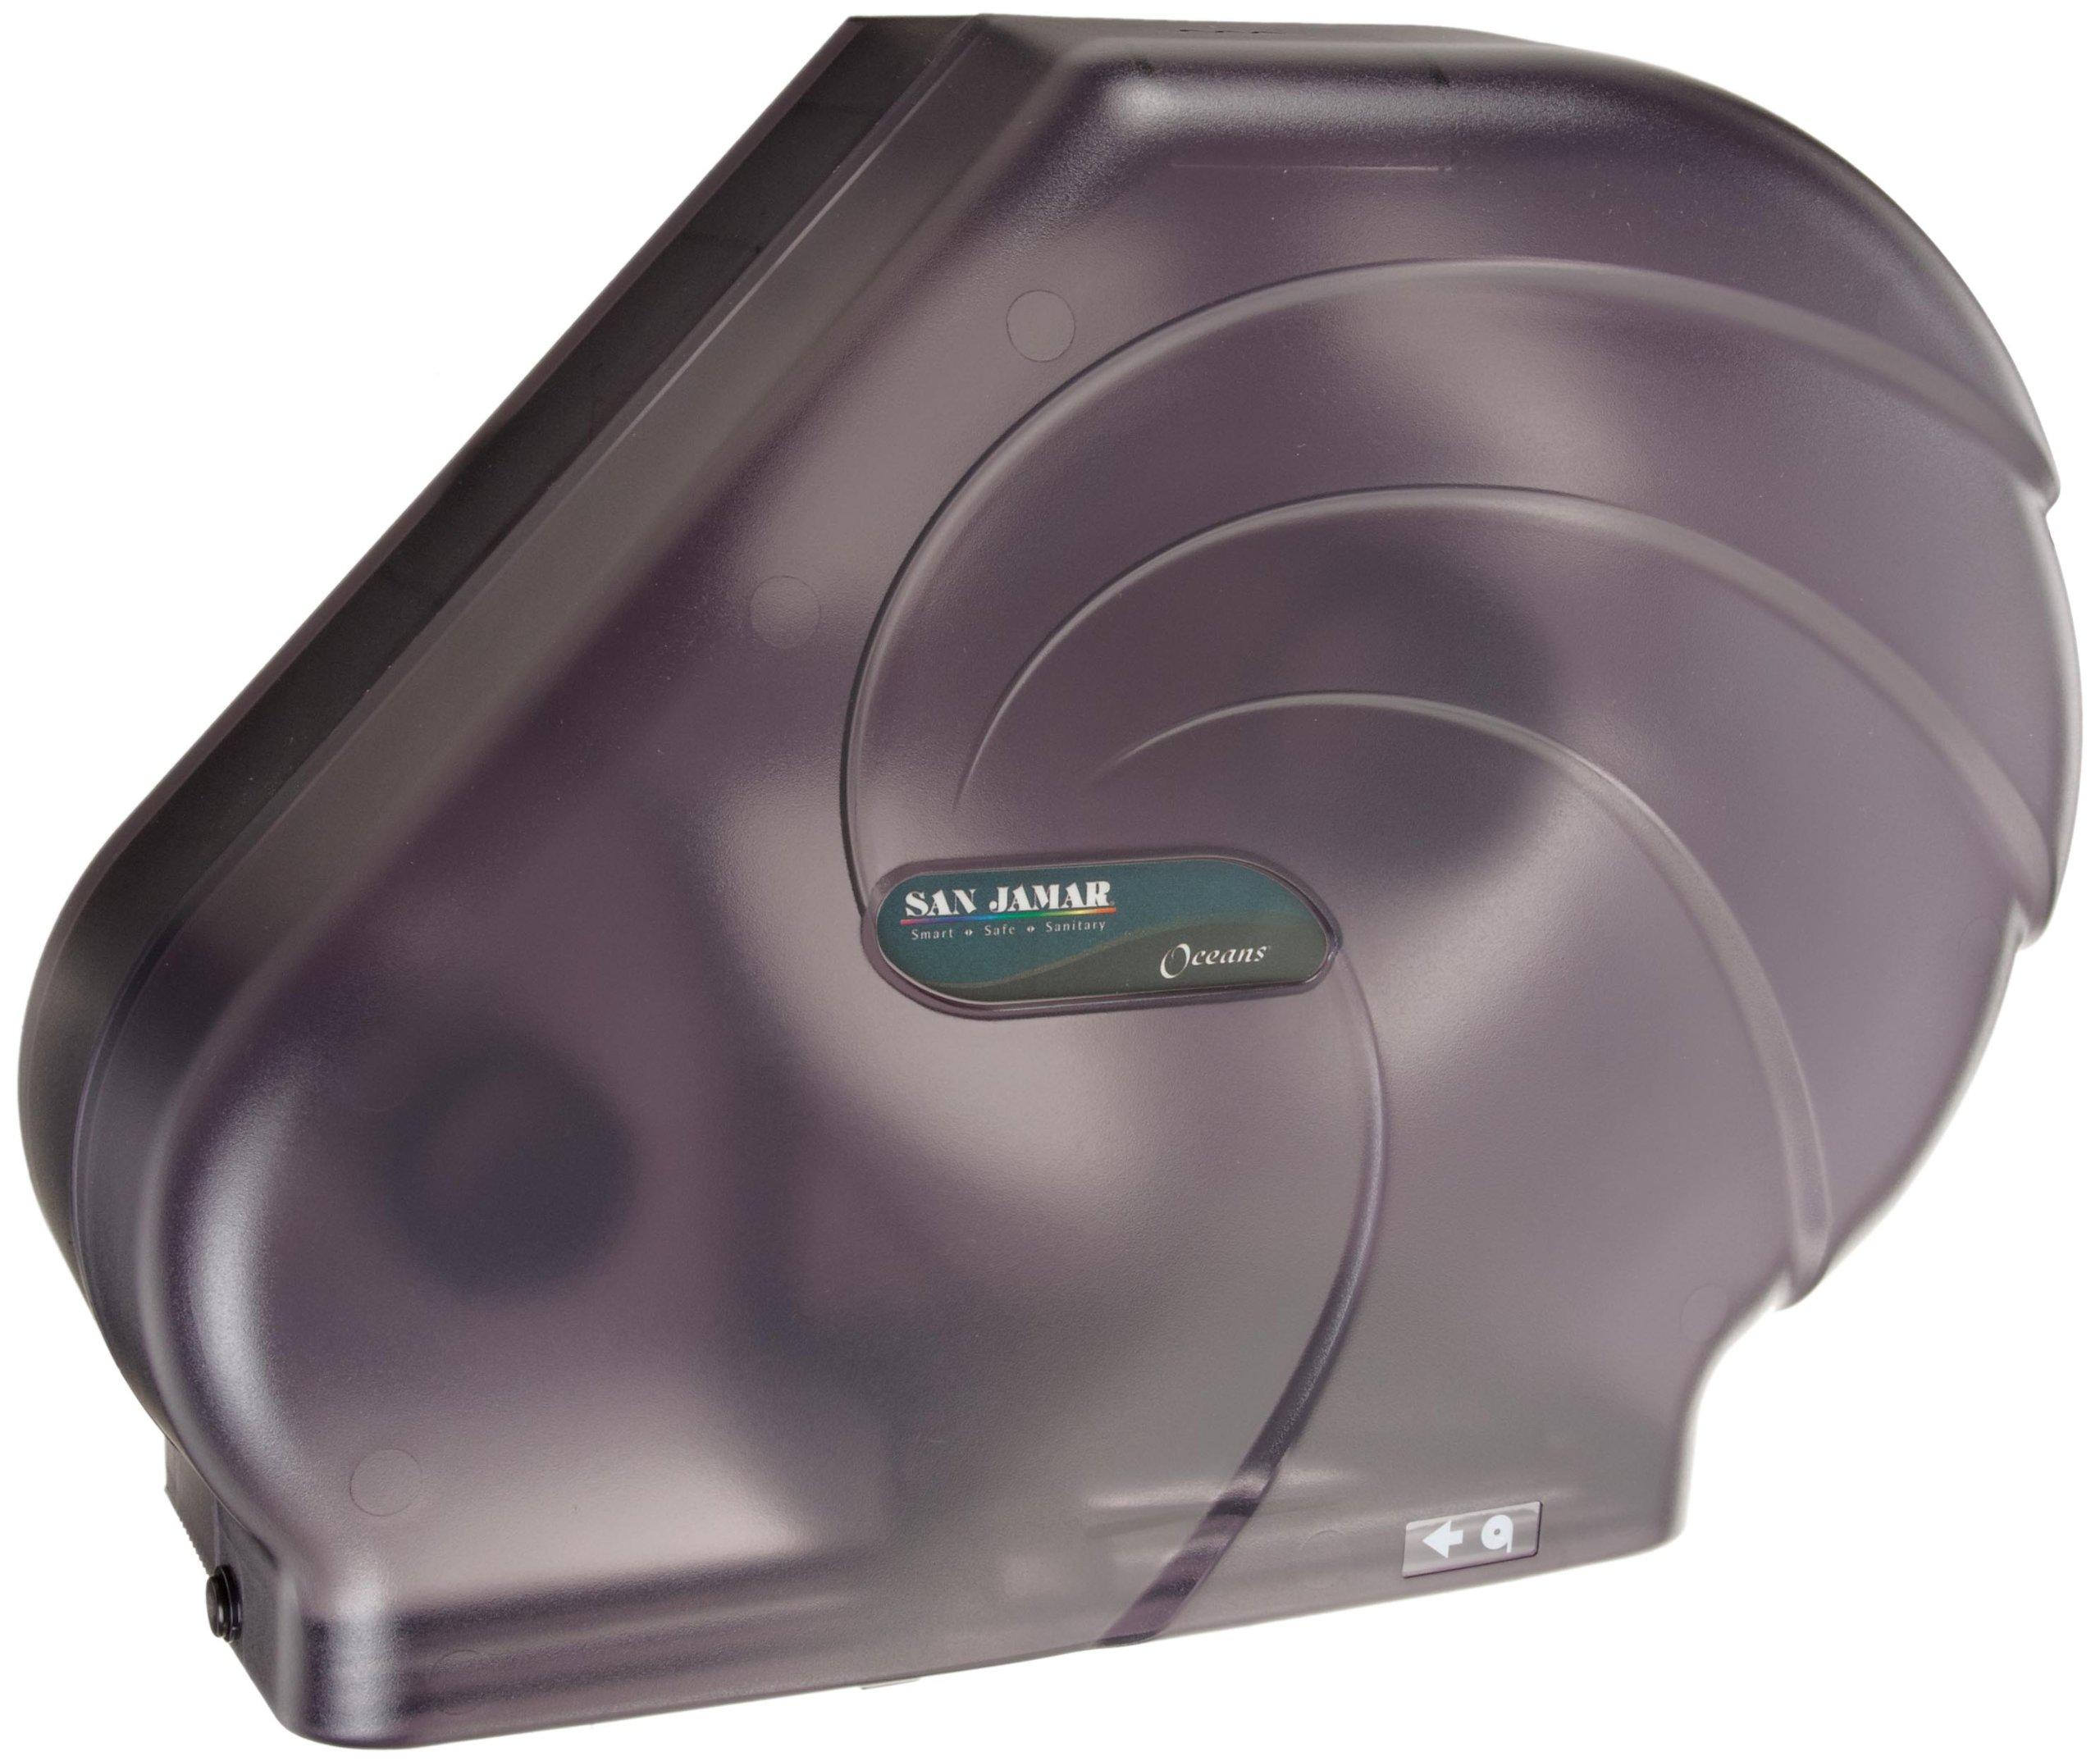 San Jamar R3090TBK Oceans 3.125 Mandrel Reserva Jumbo Roll Toilet Tissue Dispenser by San Jamar